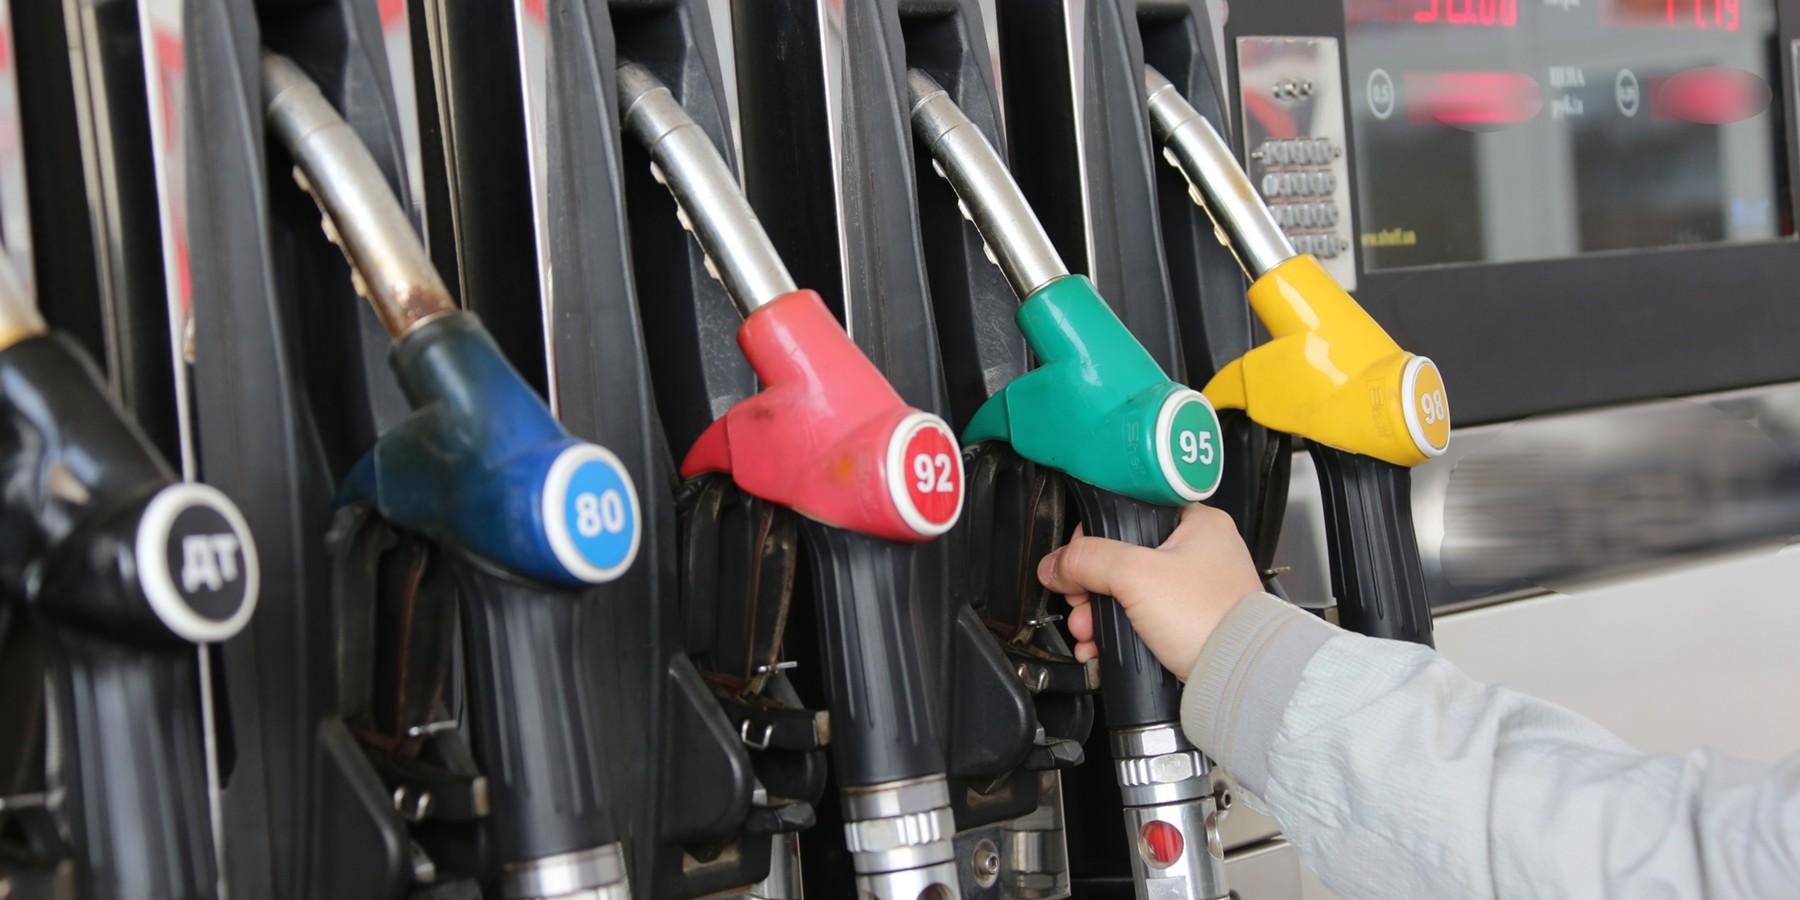 Роздрібні мережі АЗС в період з 19 по 26 лютого підняли ціни на бензини і дизельне паливо на 0,3-2 грн/л, що в середньому дало плюс 1,25 грн/л.